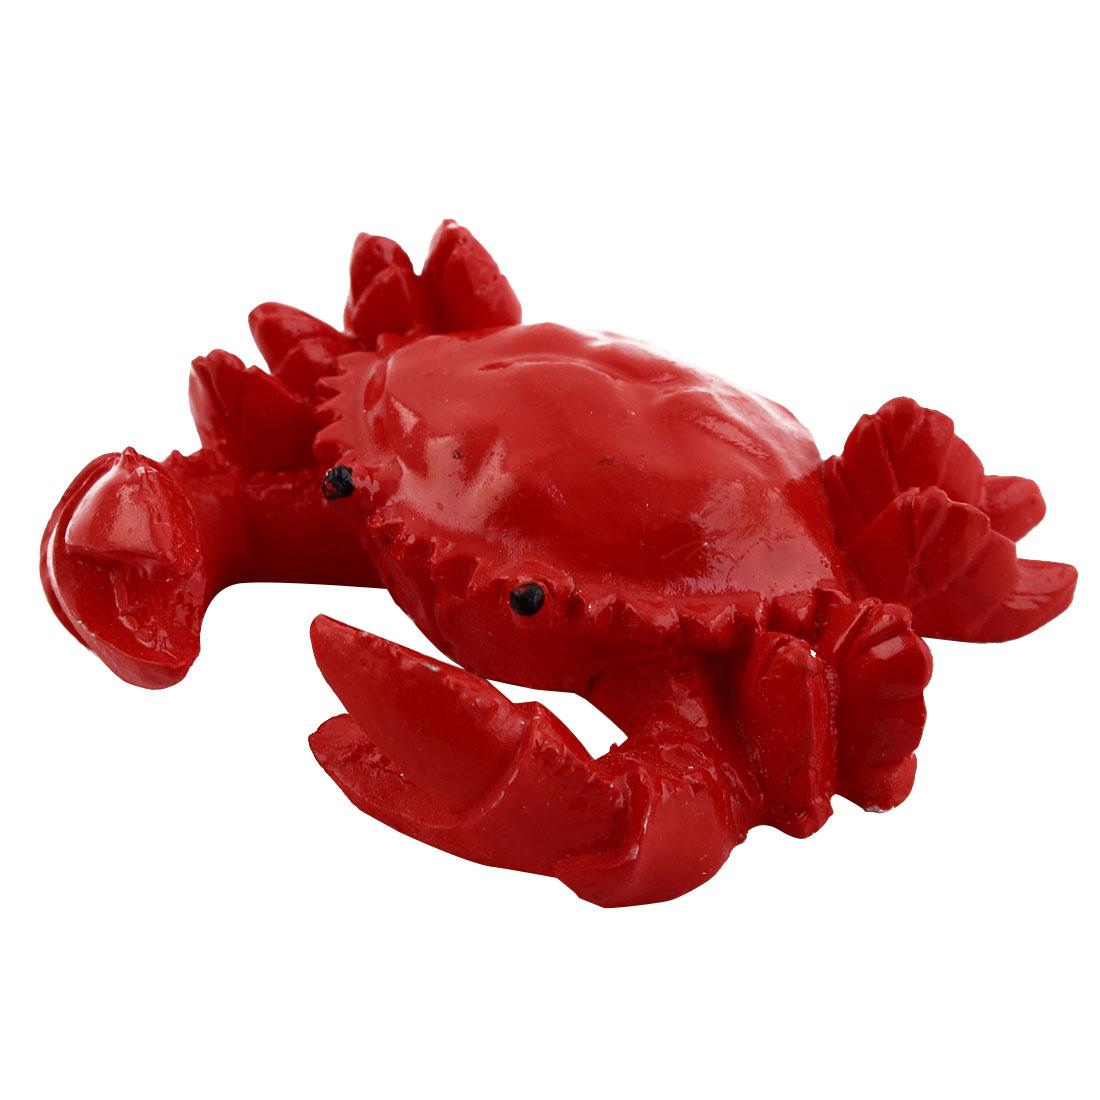 Aquarium Fish Tank Fishbowl Ceramic Underwater Crab Design Artificial Animal Ornament Red